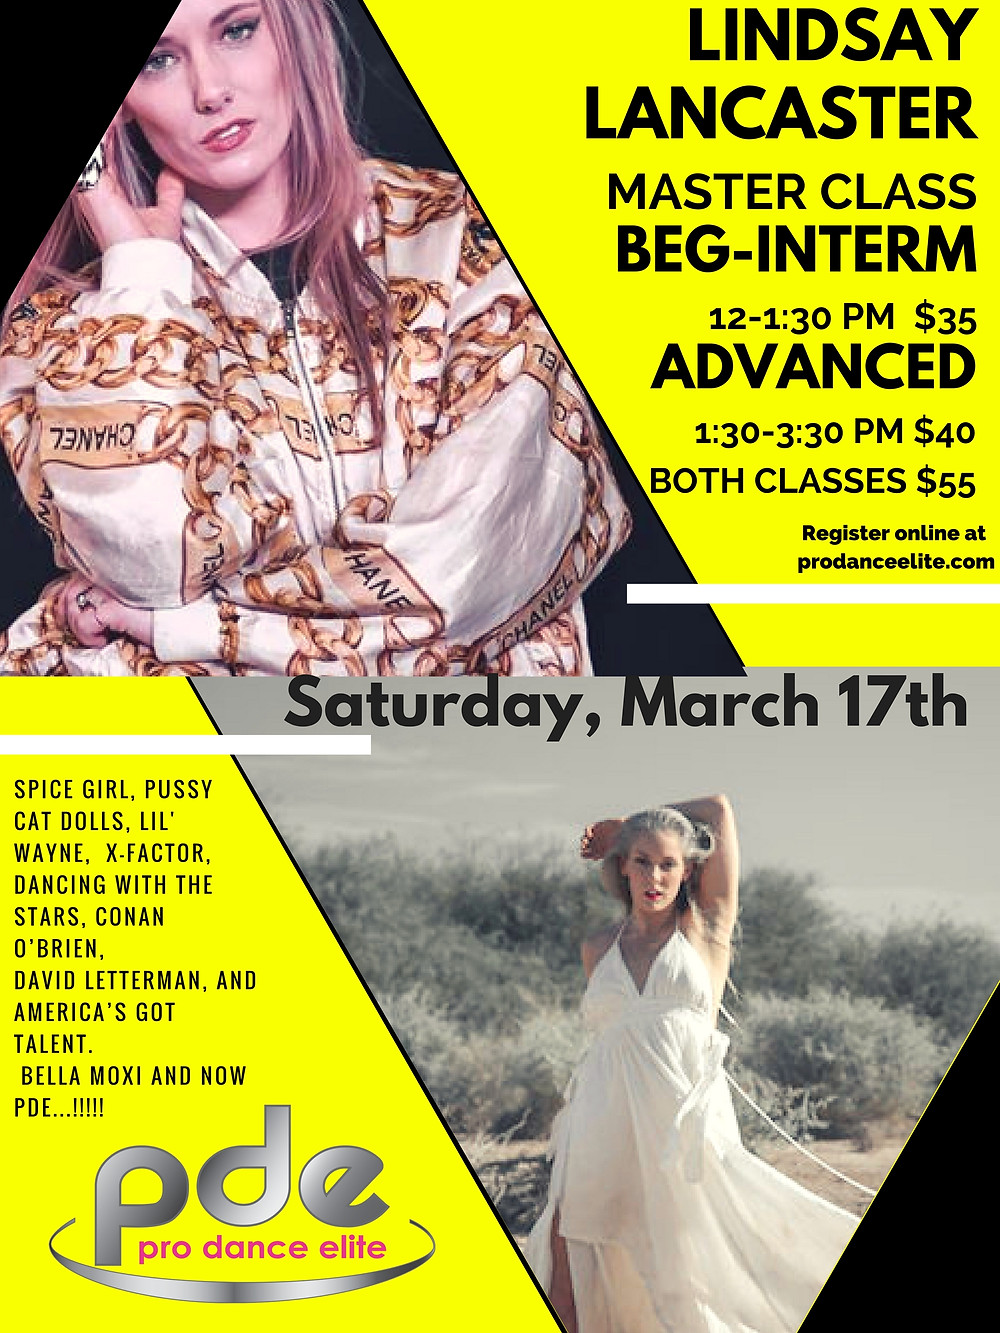 Saturday, March 17th